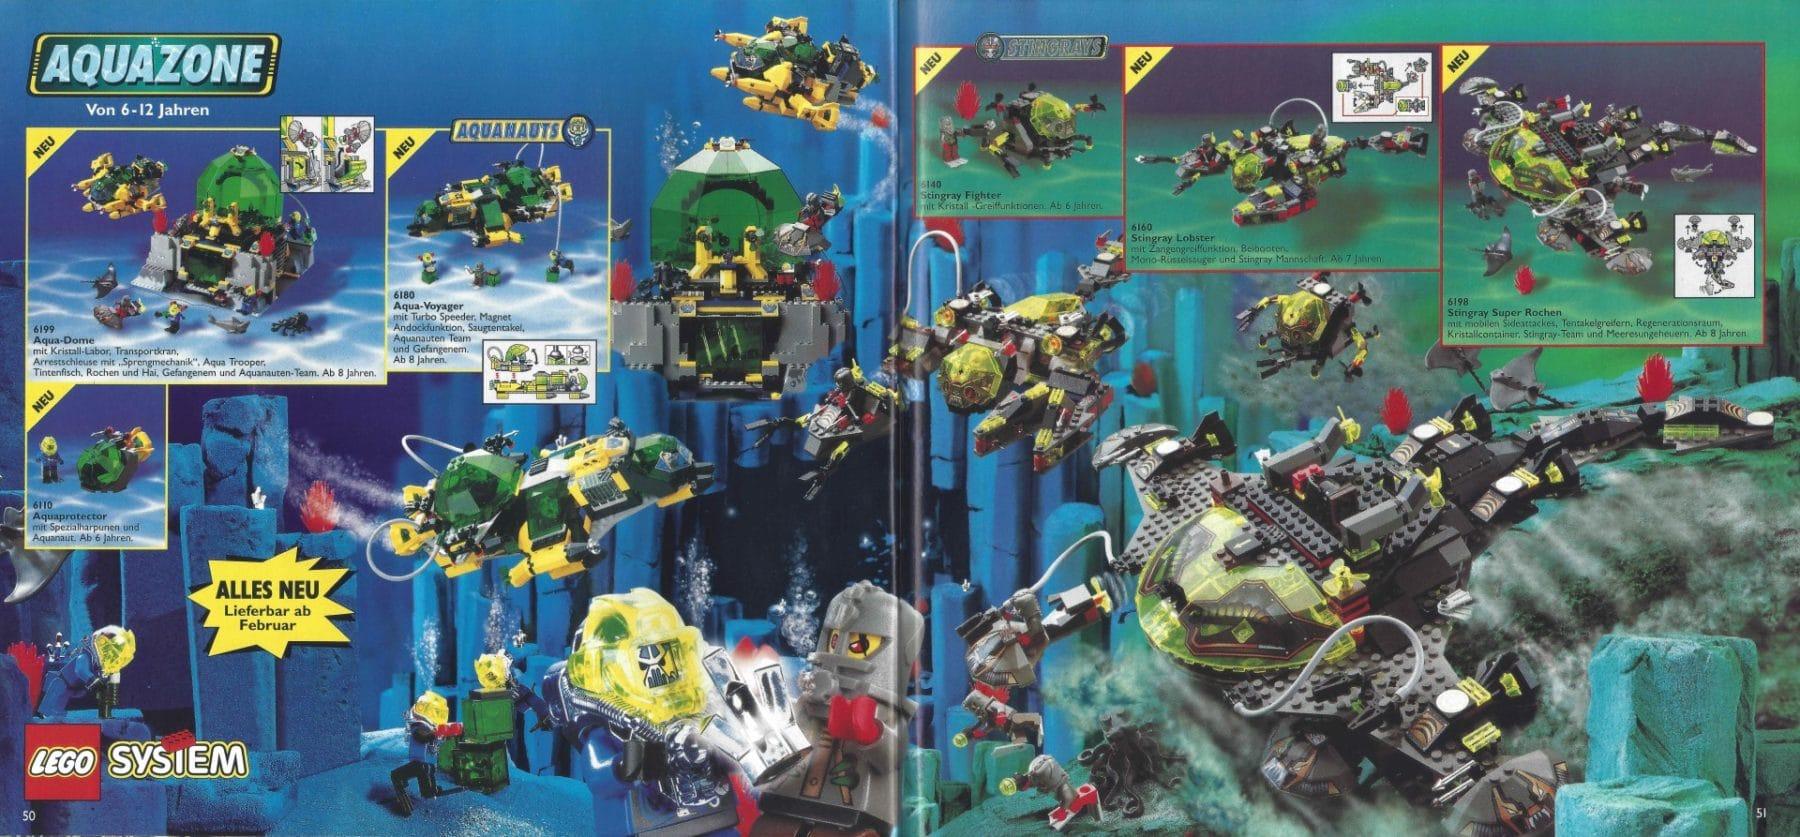 Stingrays & neue Aquanauts (bzw. Hydronauts) im deutschen Katalog von 1998